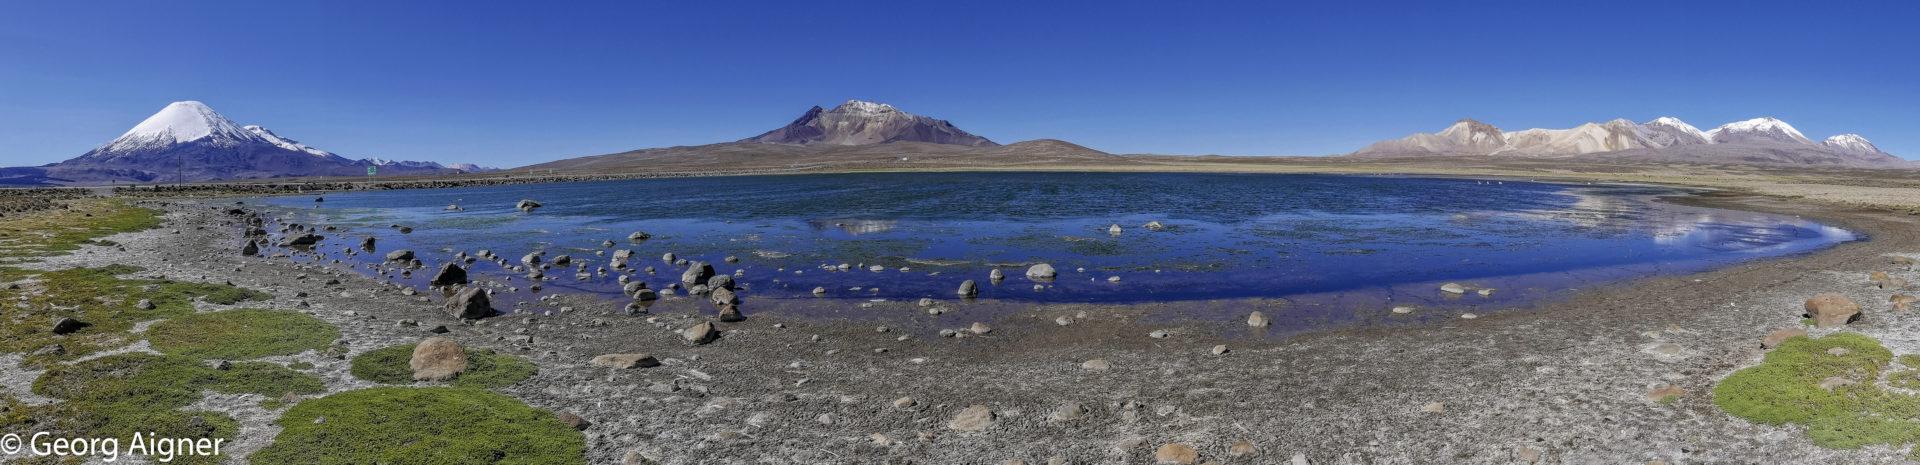 Bofedal et Altiplano: de Putre à Colchane